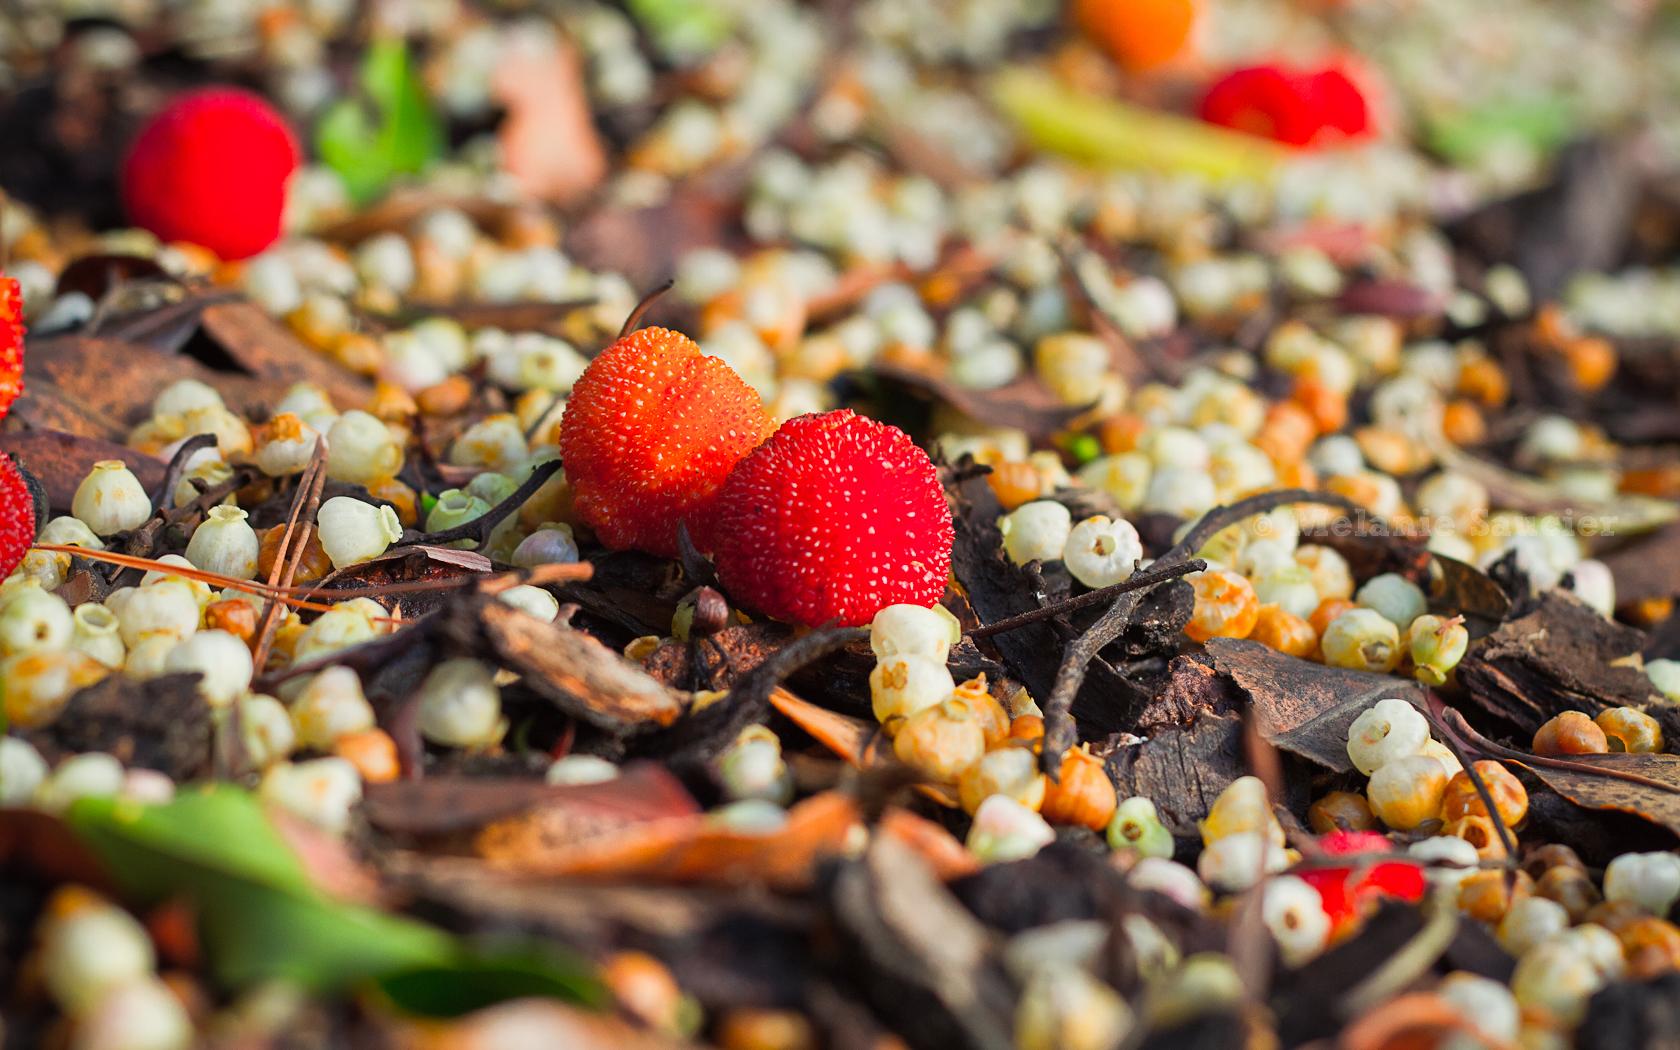 Strawberry-Tree_1680x1050